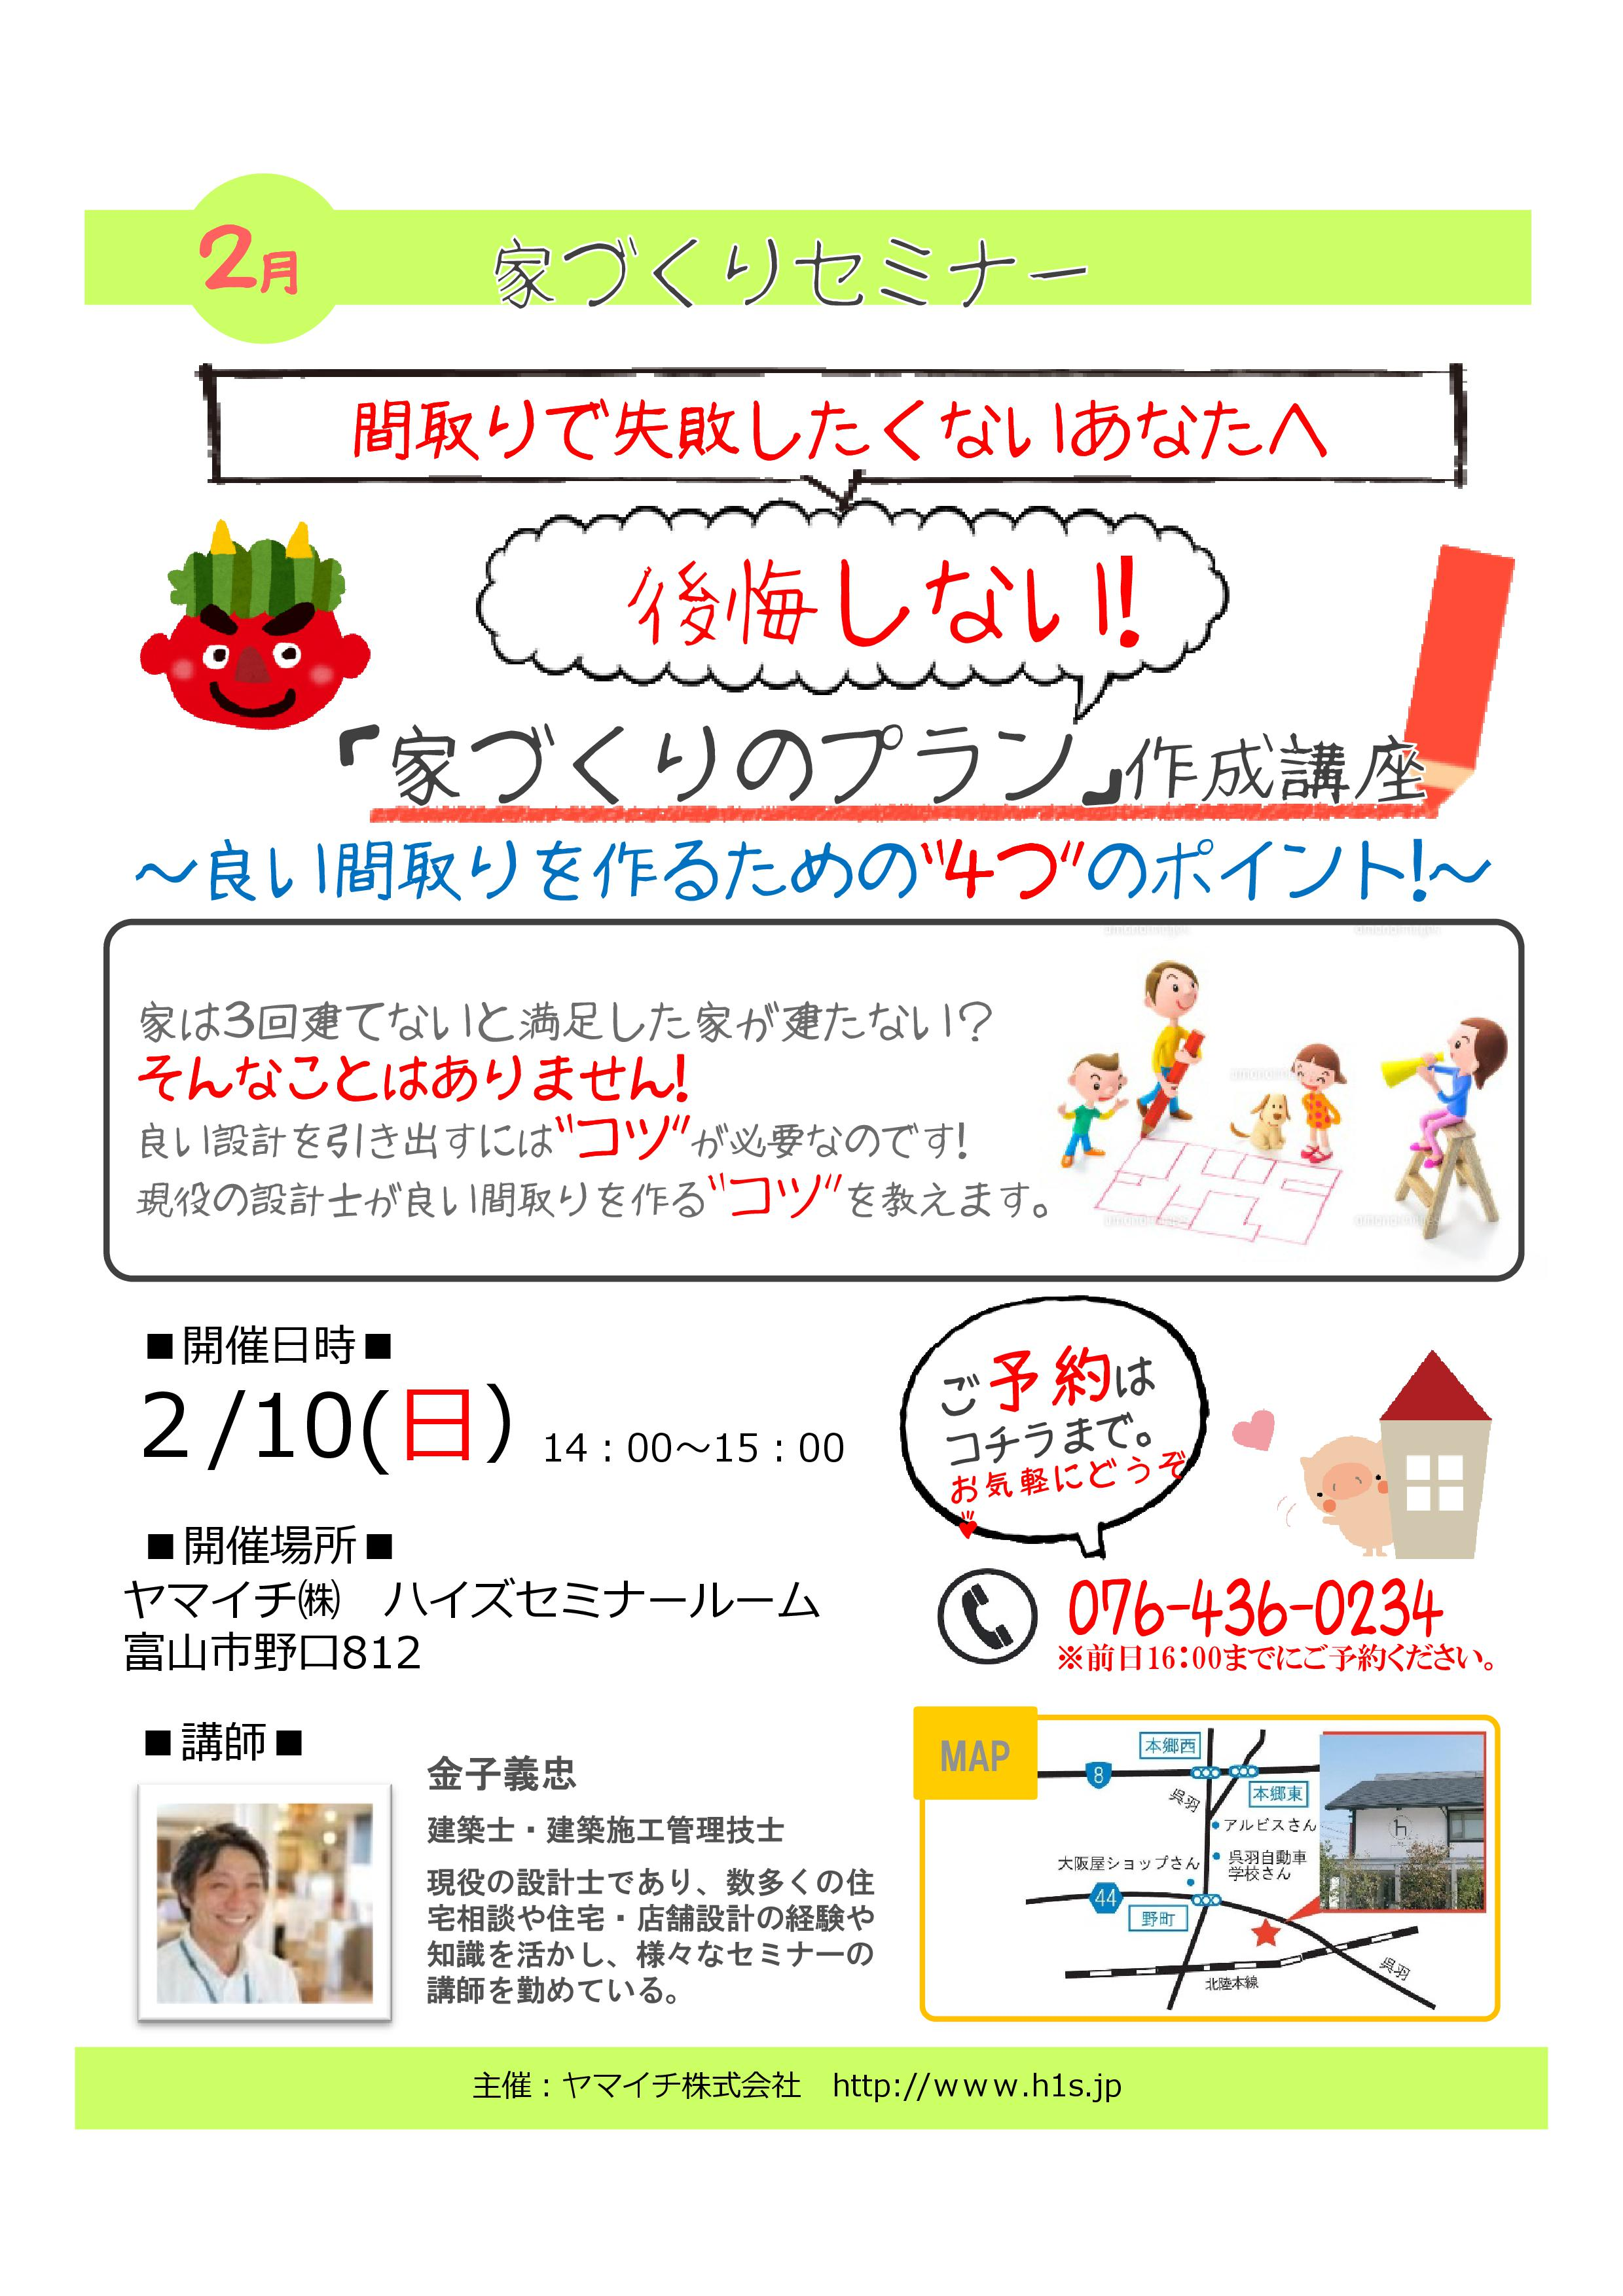 【セミナー】2/10(日)「家づくりのプラン作成講座」